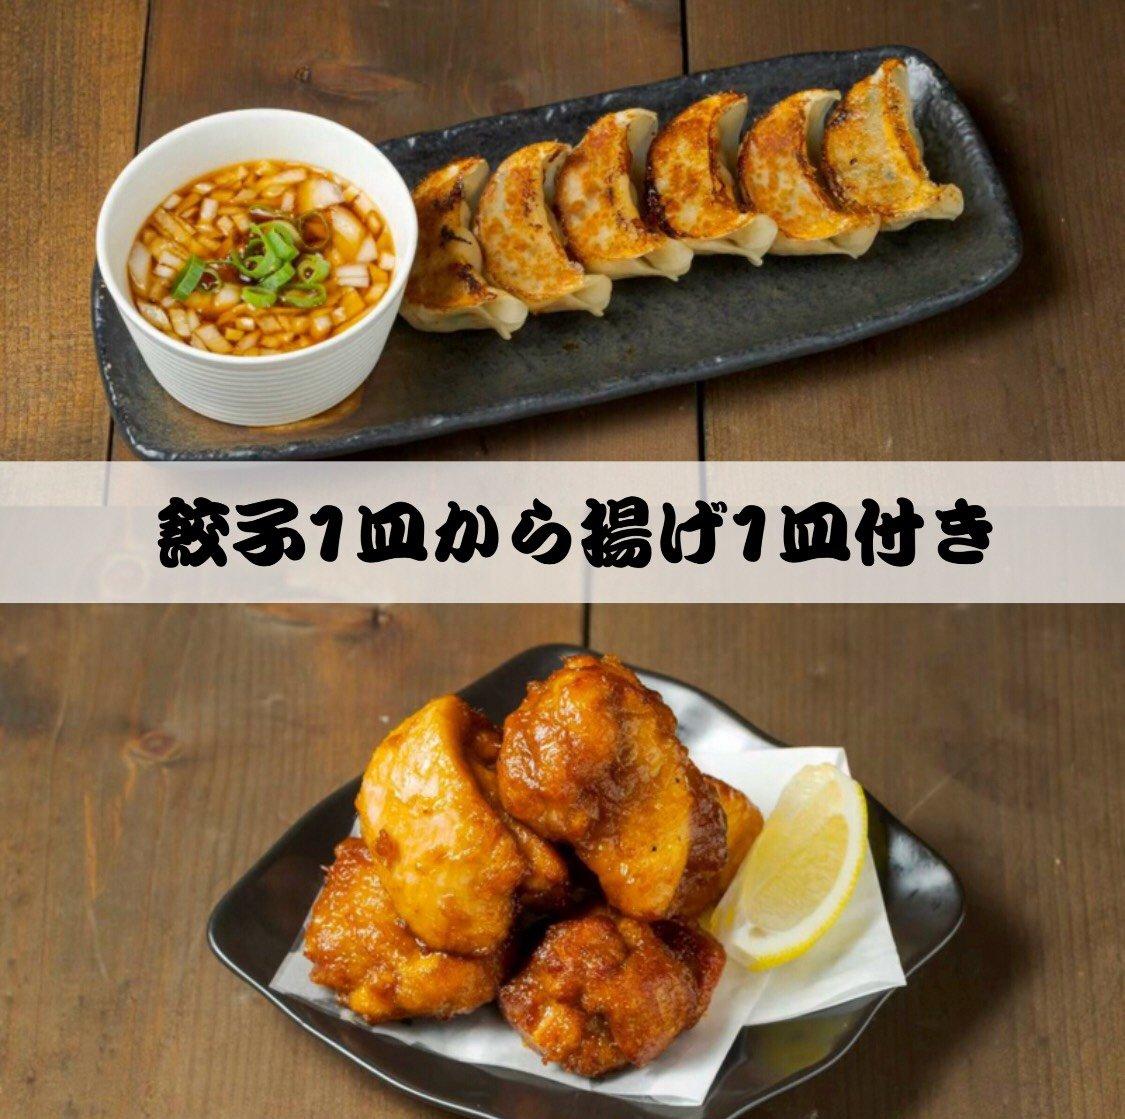 超激レア 石川店限定!もとなりファミリーセット(好きなラーメン4つ×ぎょうざ1皿×唐揚げ1皿)のイメージその2